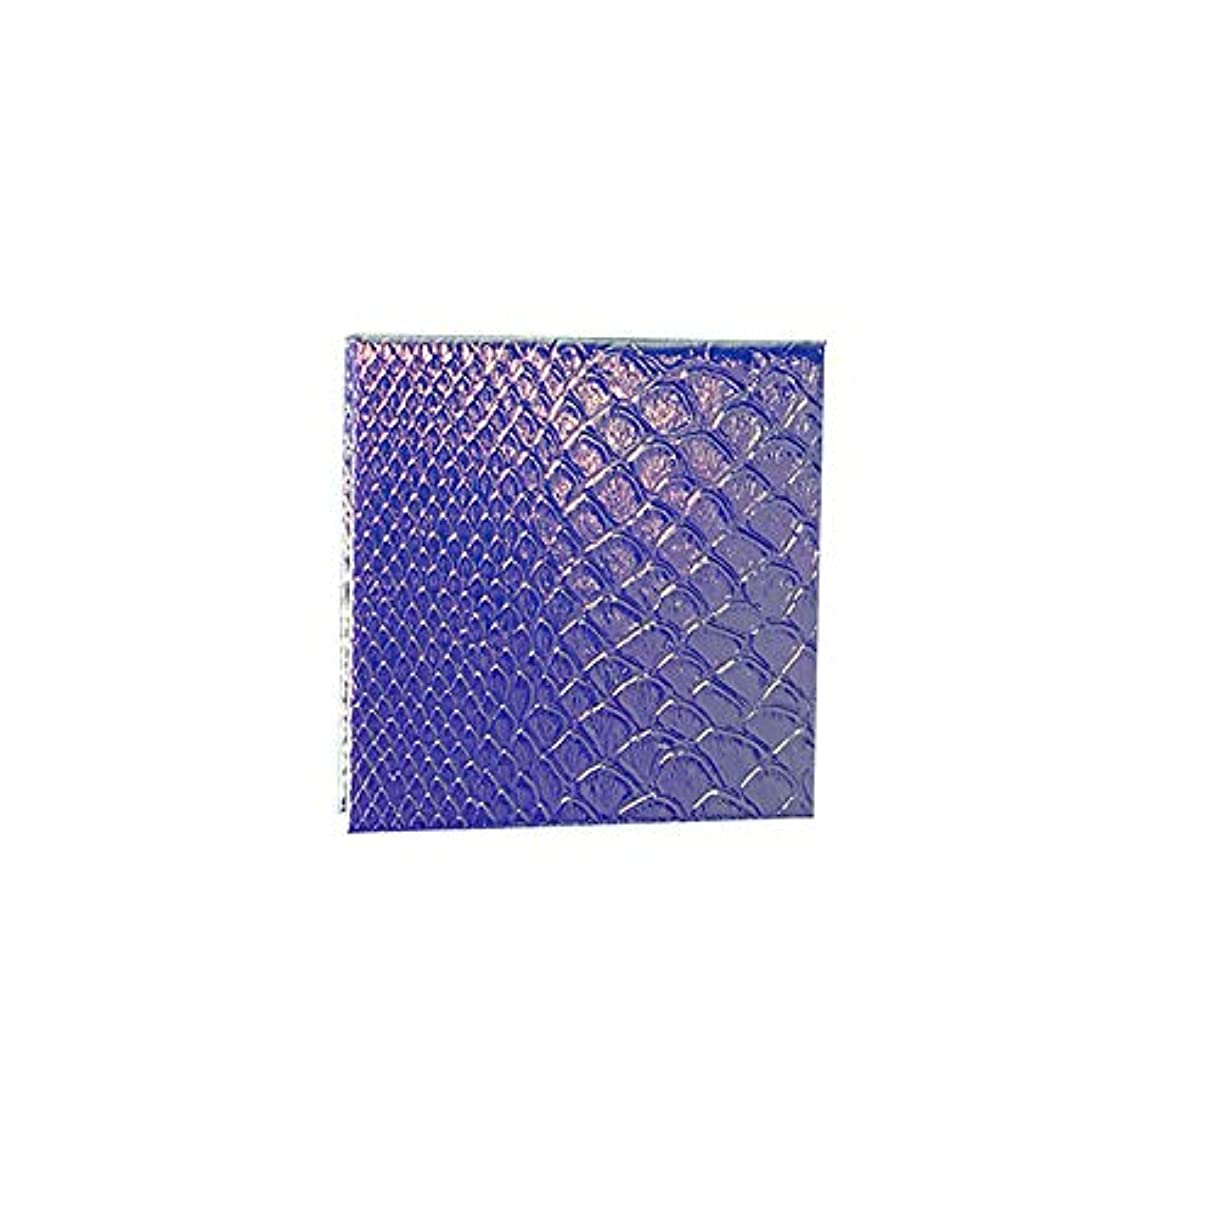 空の化粧アイシャドーパレット磁気空パレット接着剤空のパレット金属ステッカー空のパレットキット(S)